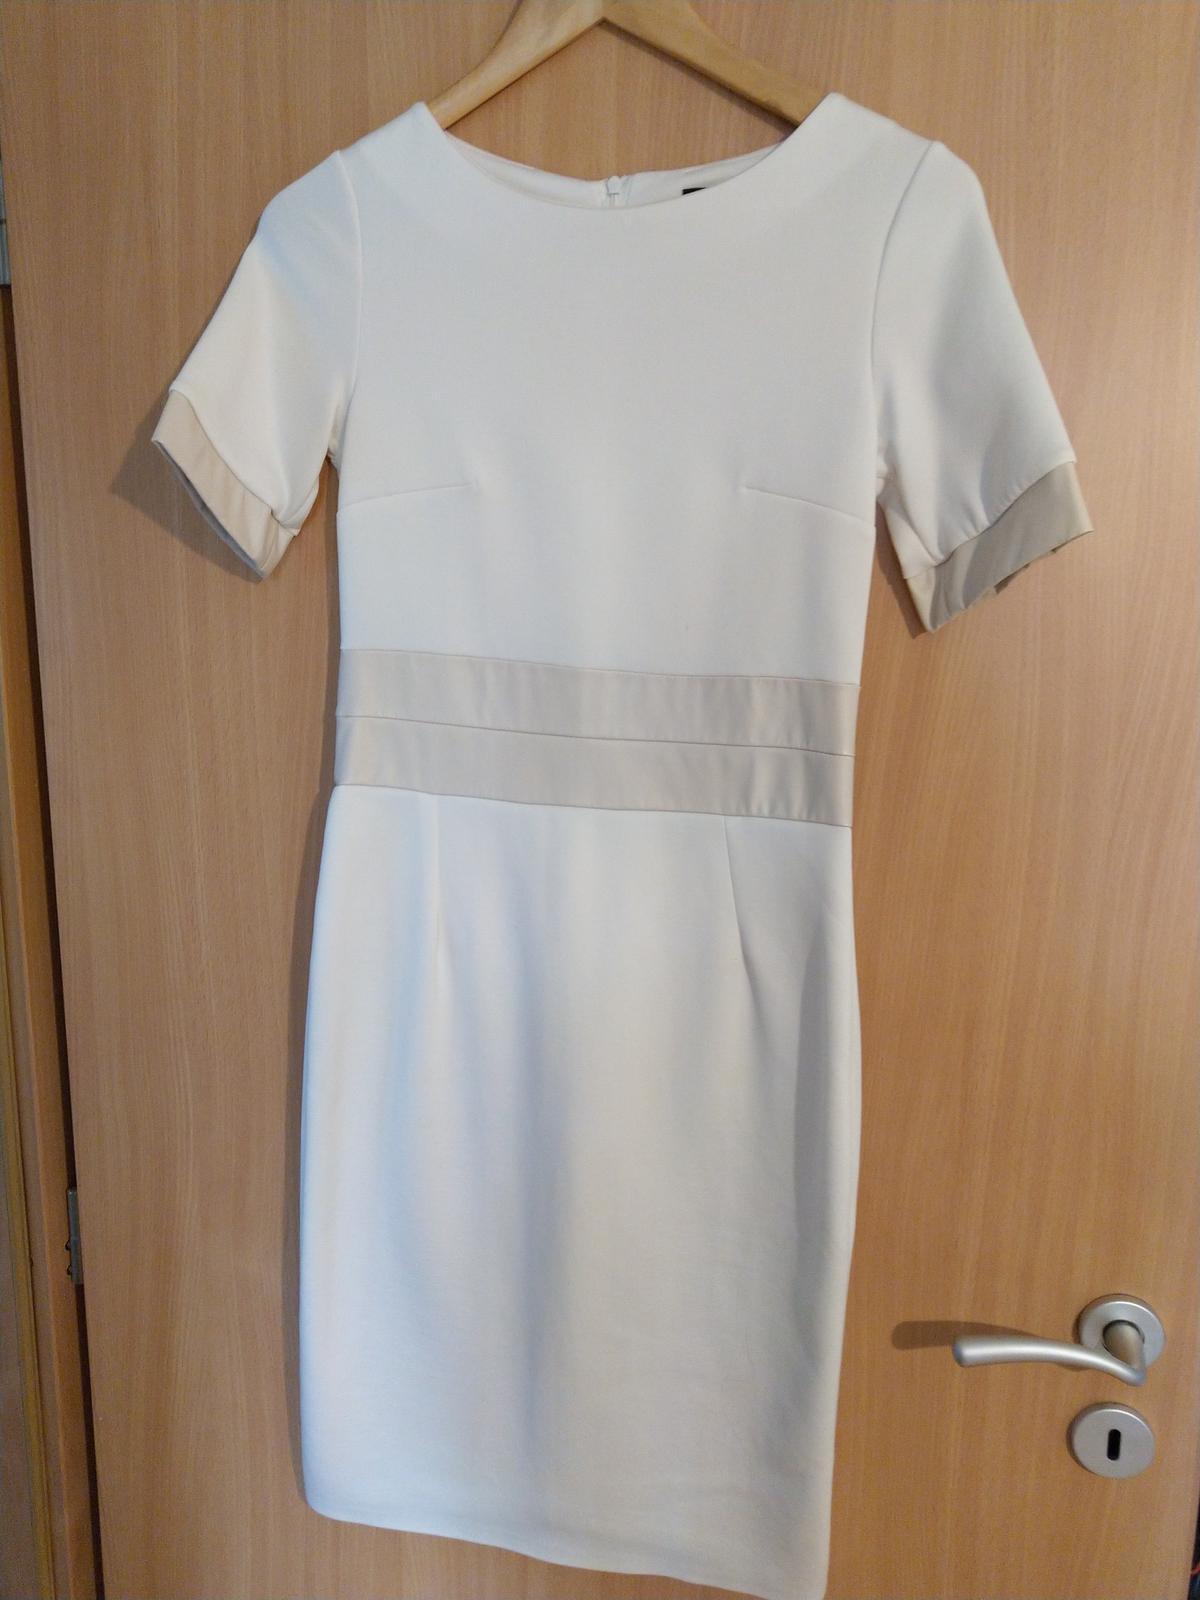 Krásne krémové šaty - Obrázok č. 1